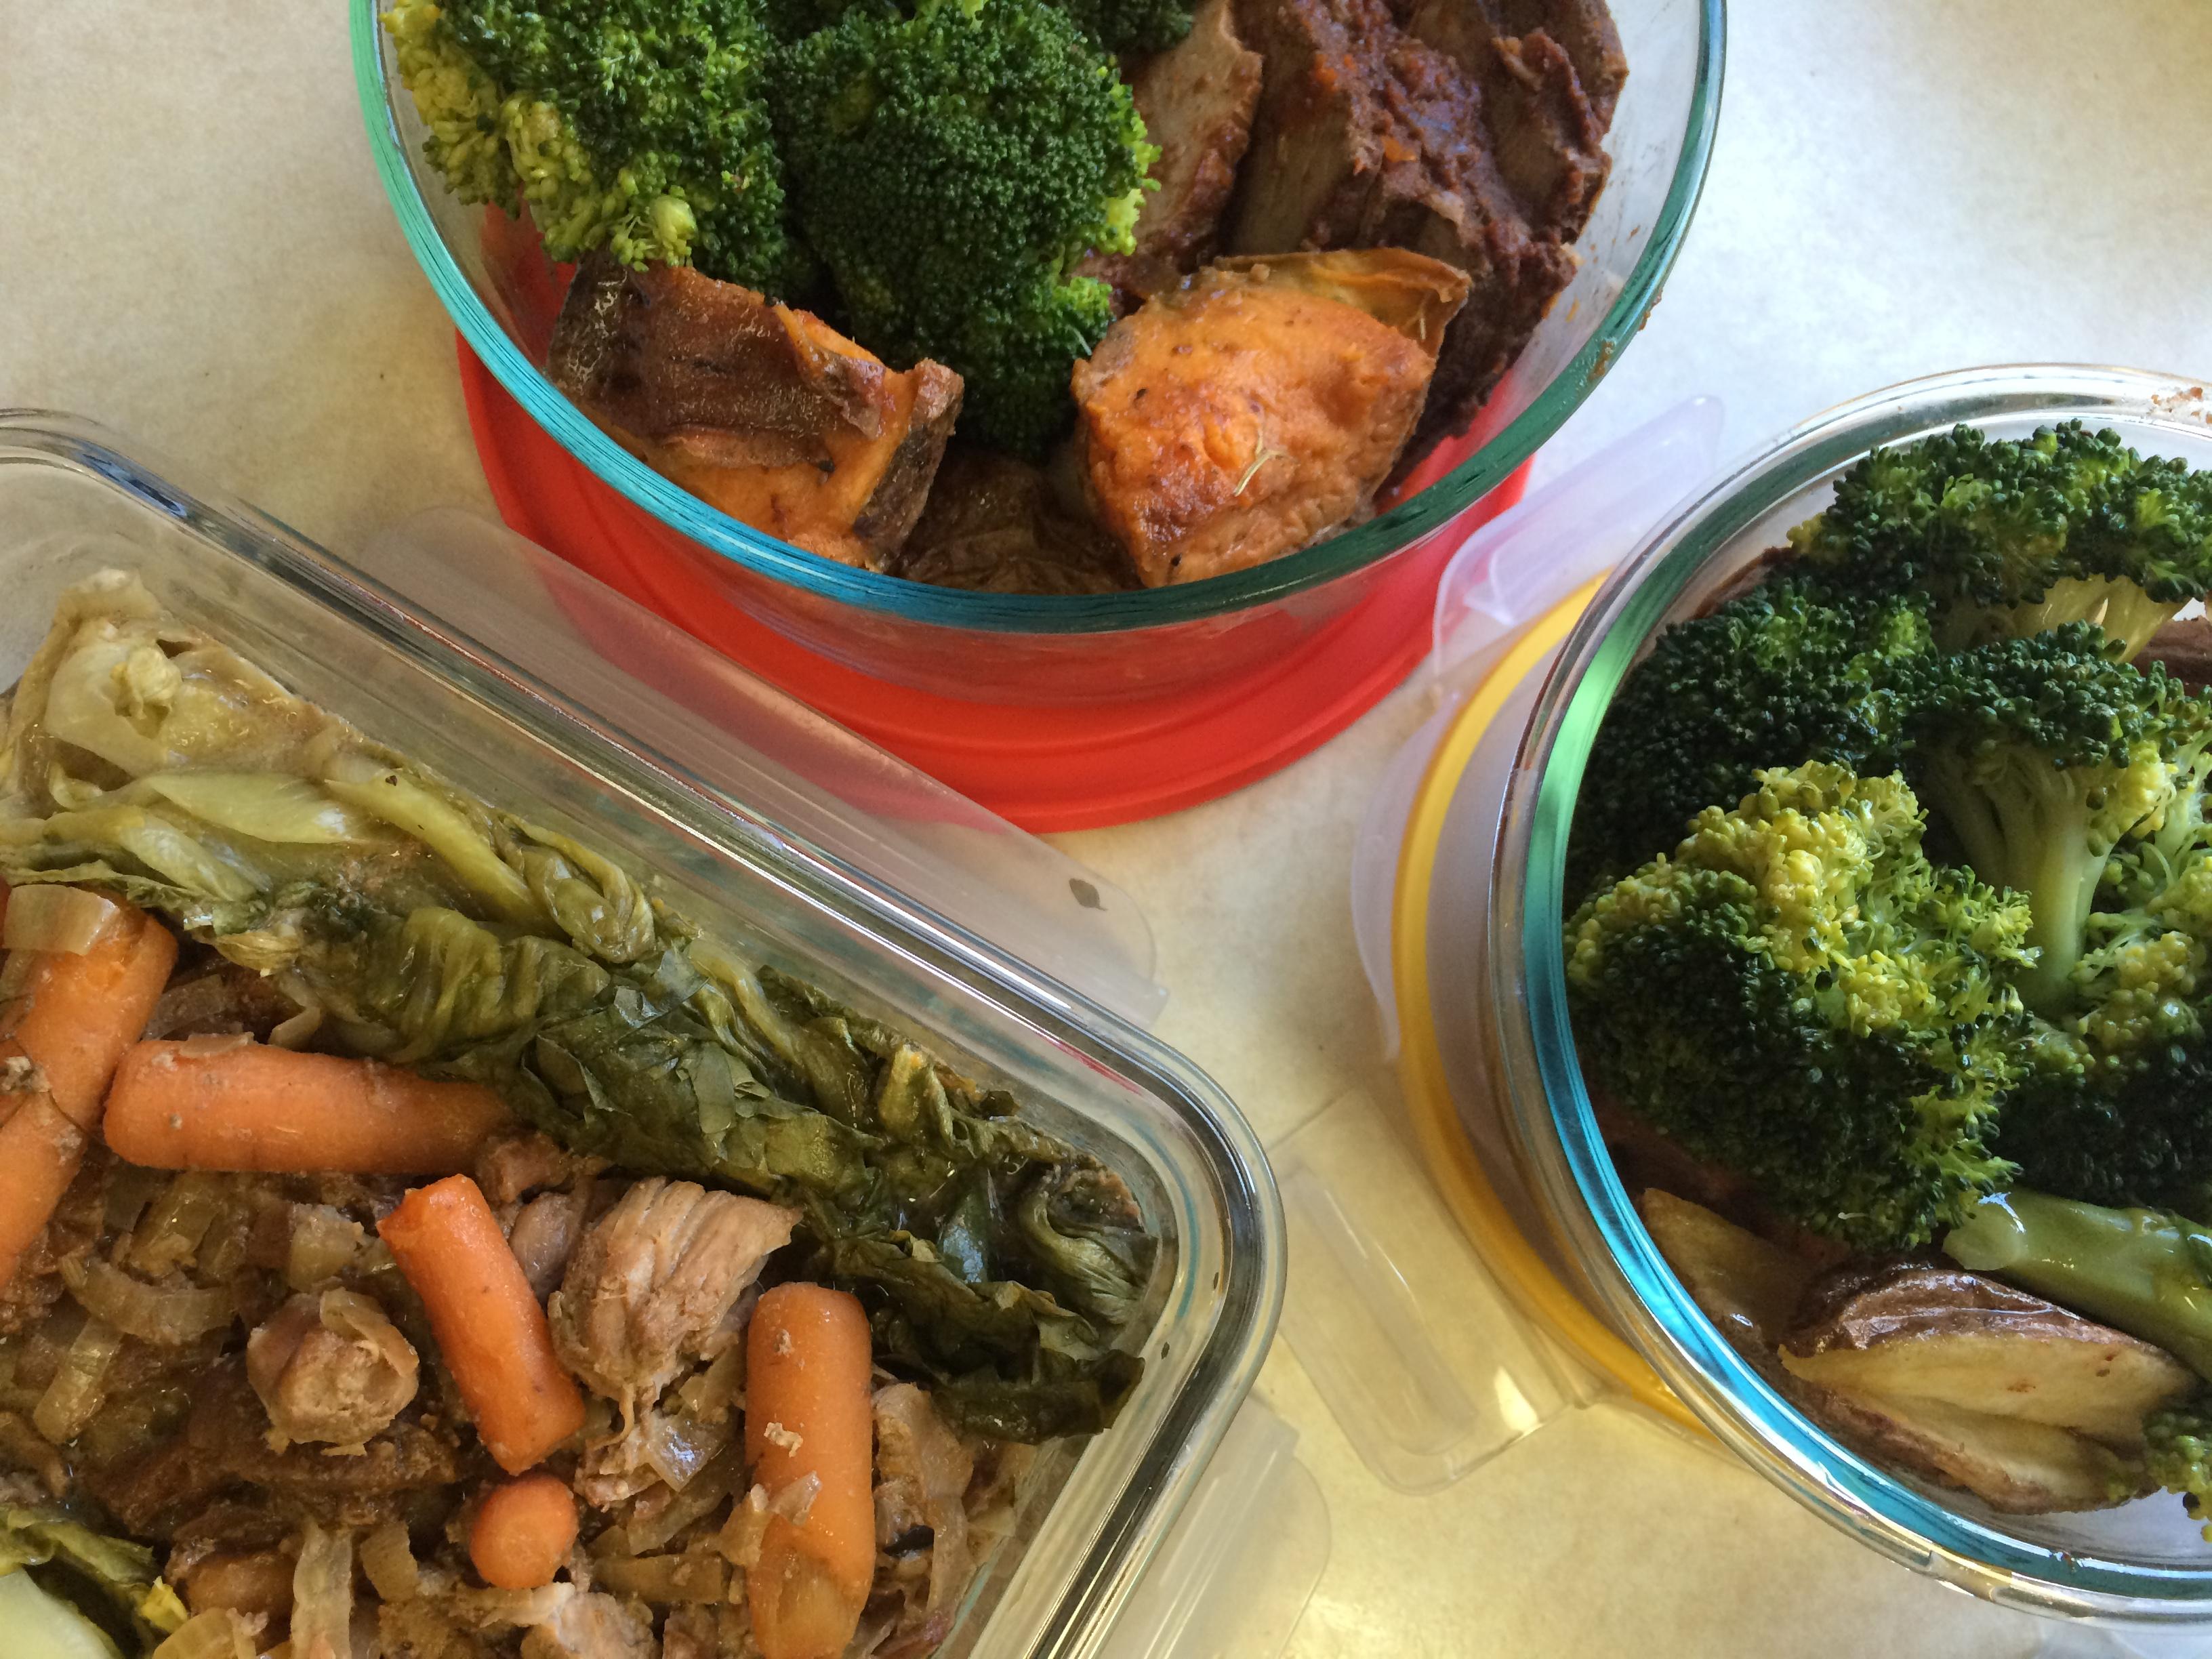 Pork & fennel stew